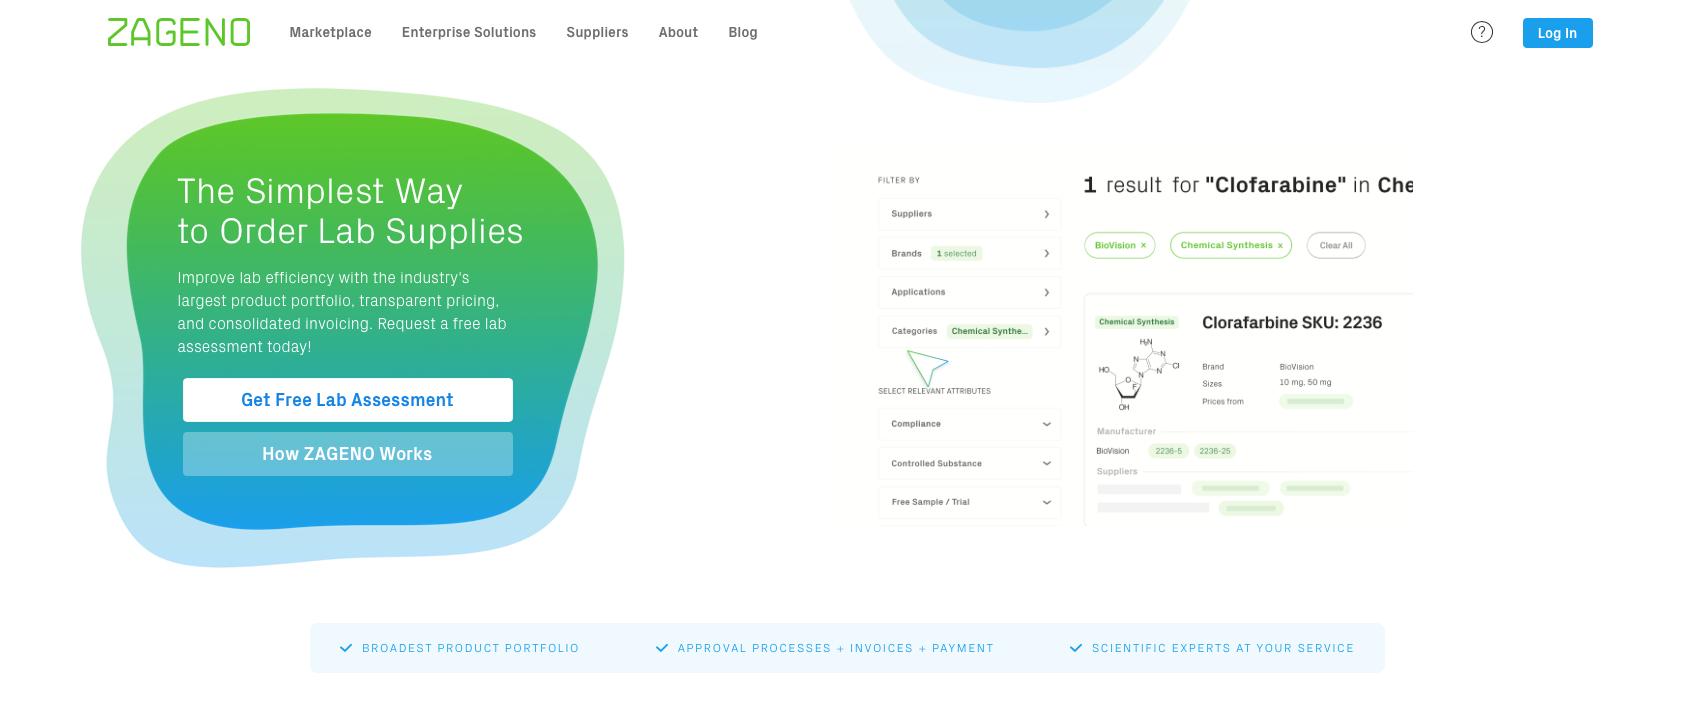 Zageno website